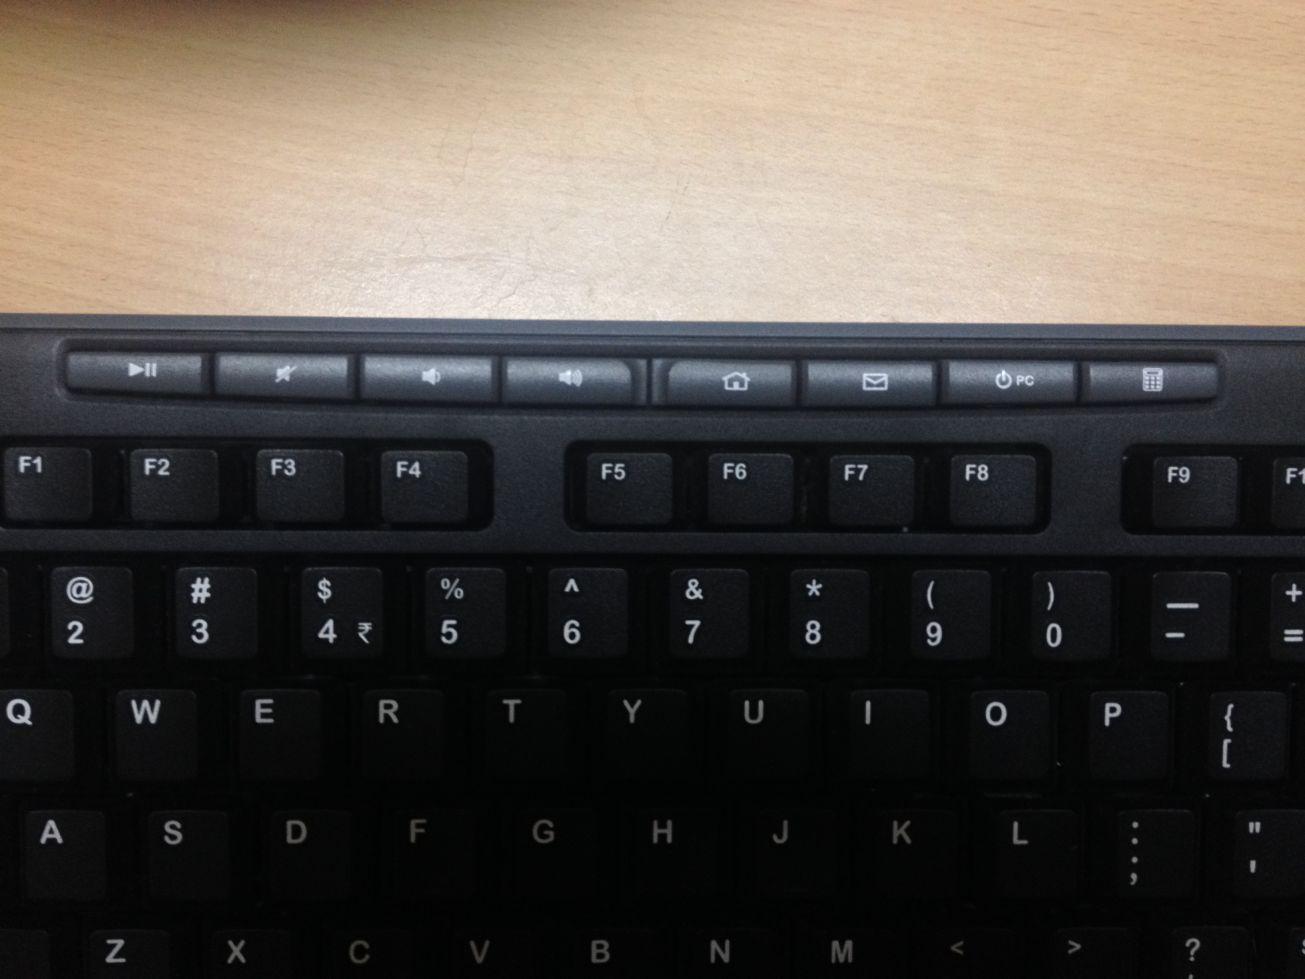 LOGITECH mk270 wireless keyboard hot keys